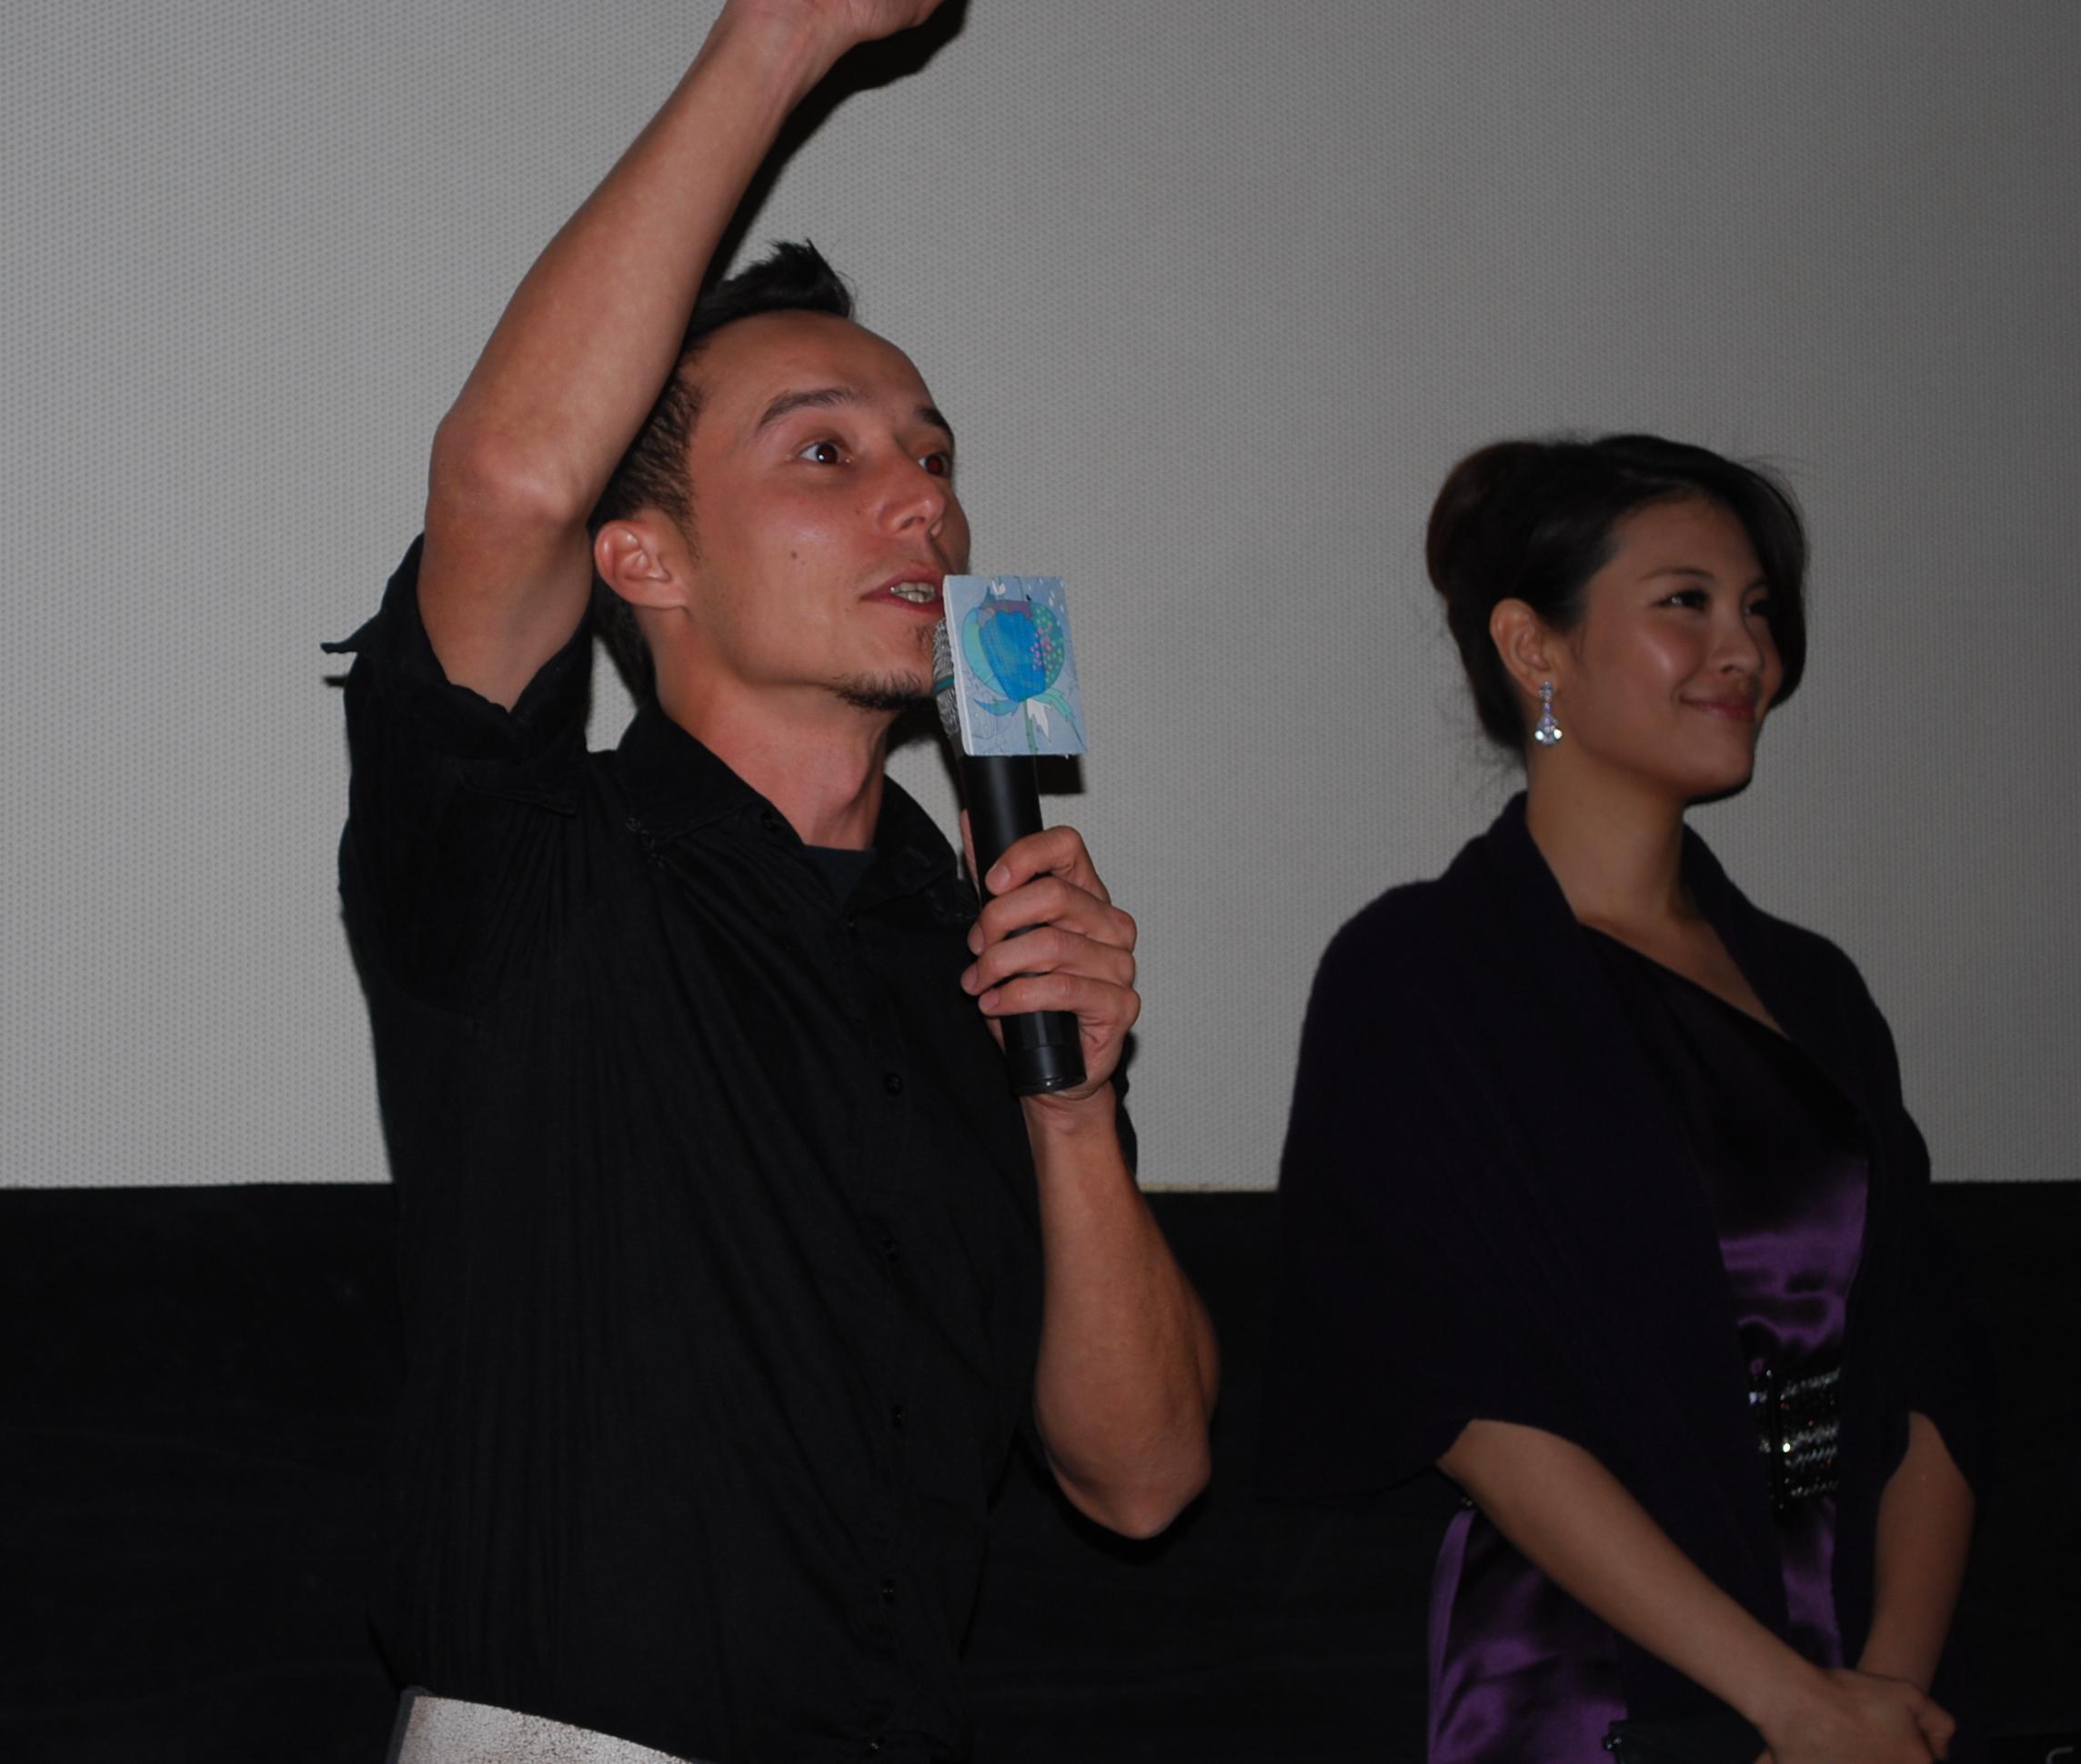 熱情的艾比頻頻對現場的菲律賓朋友打招呼